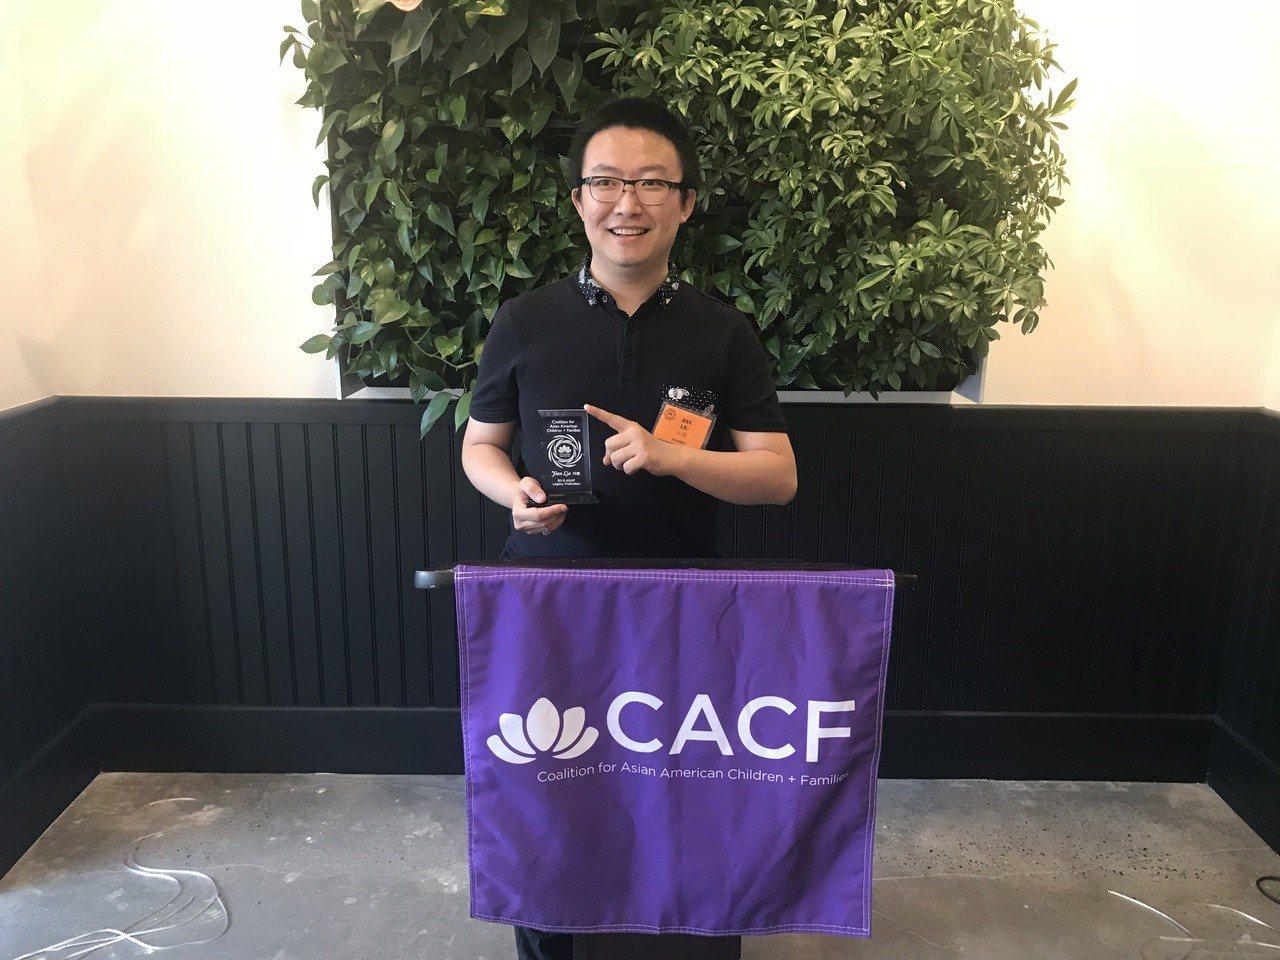 2018亞裔兒童與家庭聯盟「改變者獎」 華裔移民劉健獲獎。記者和釗宇/攝影